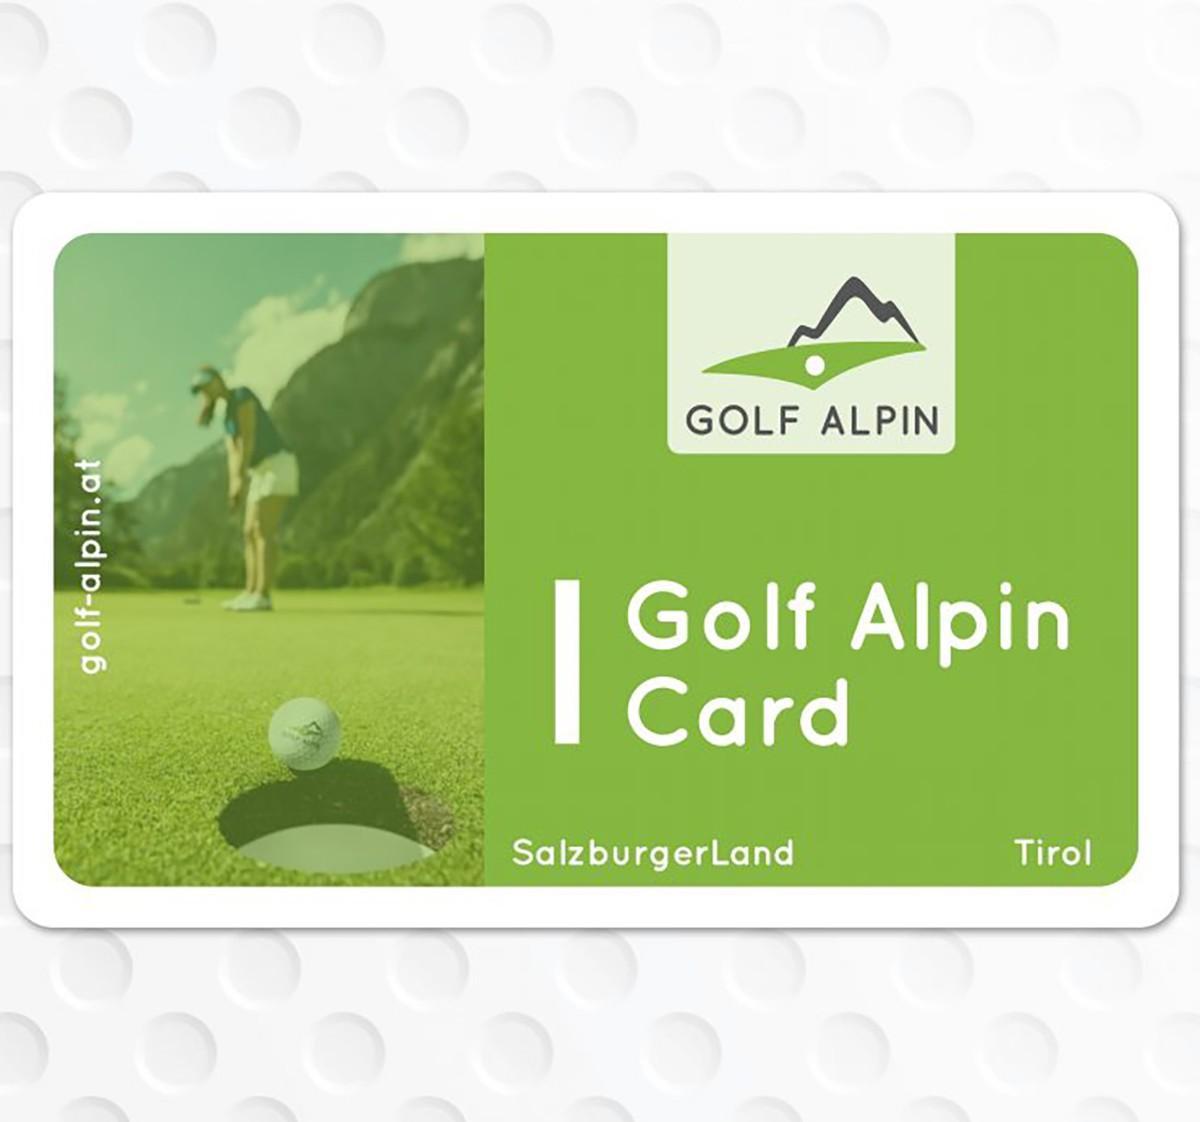 Golf Alpin Card: Eine Karte, 40 Golfplätze - plus: Gewinnspiel!